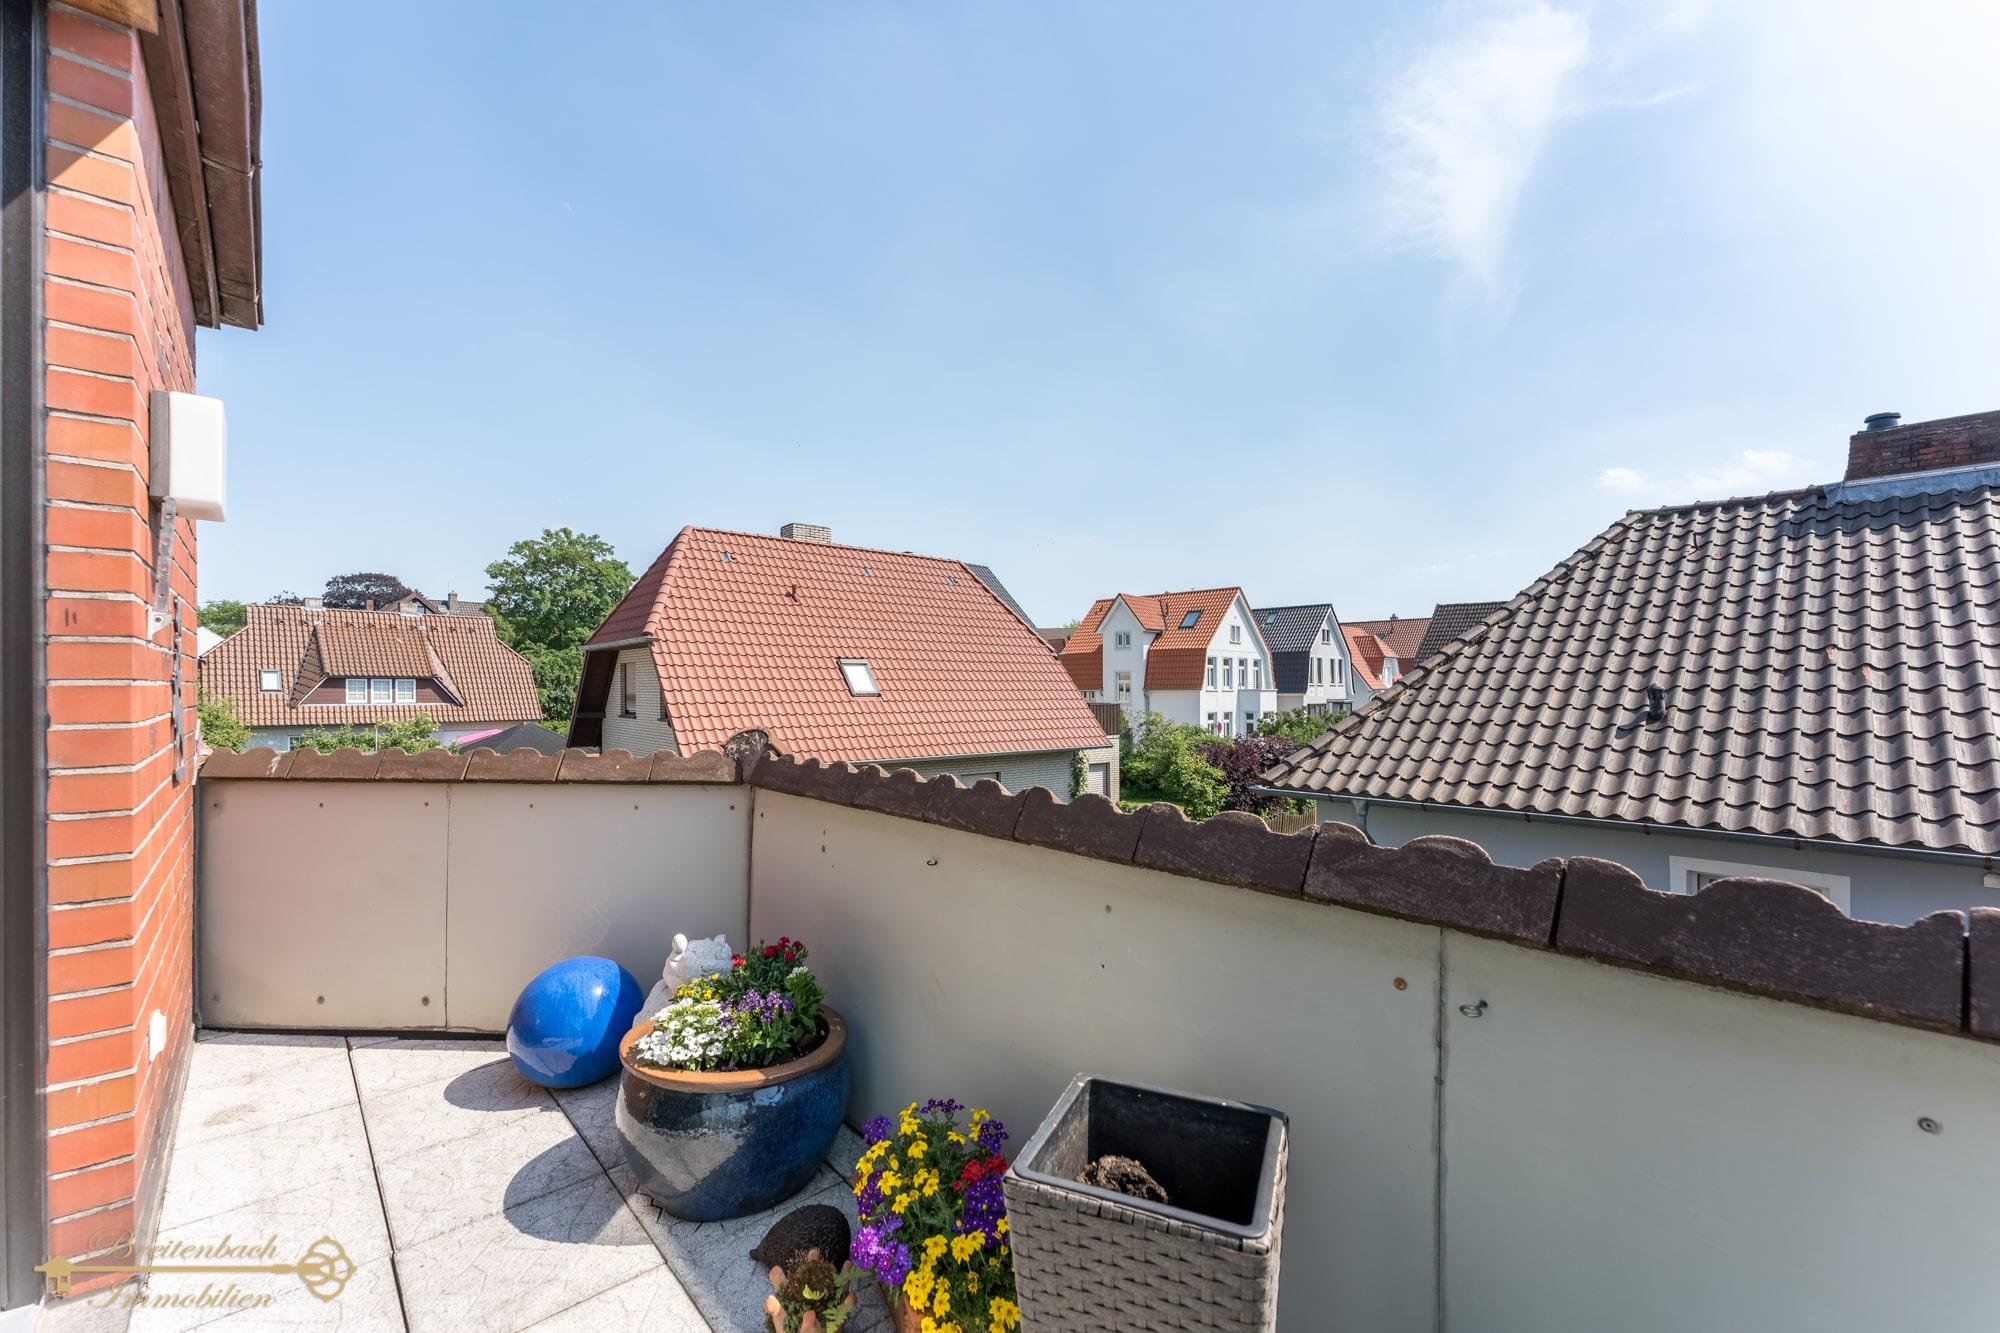 2021-06-17-Breitenbach-Immobilien-Makler-Bremen-10-min